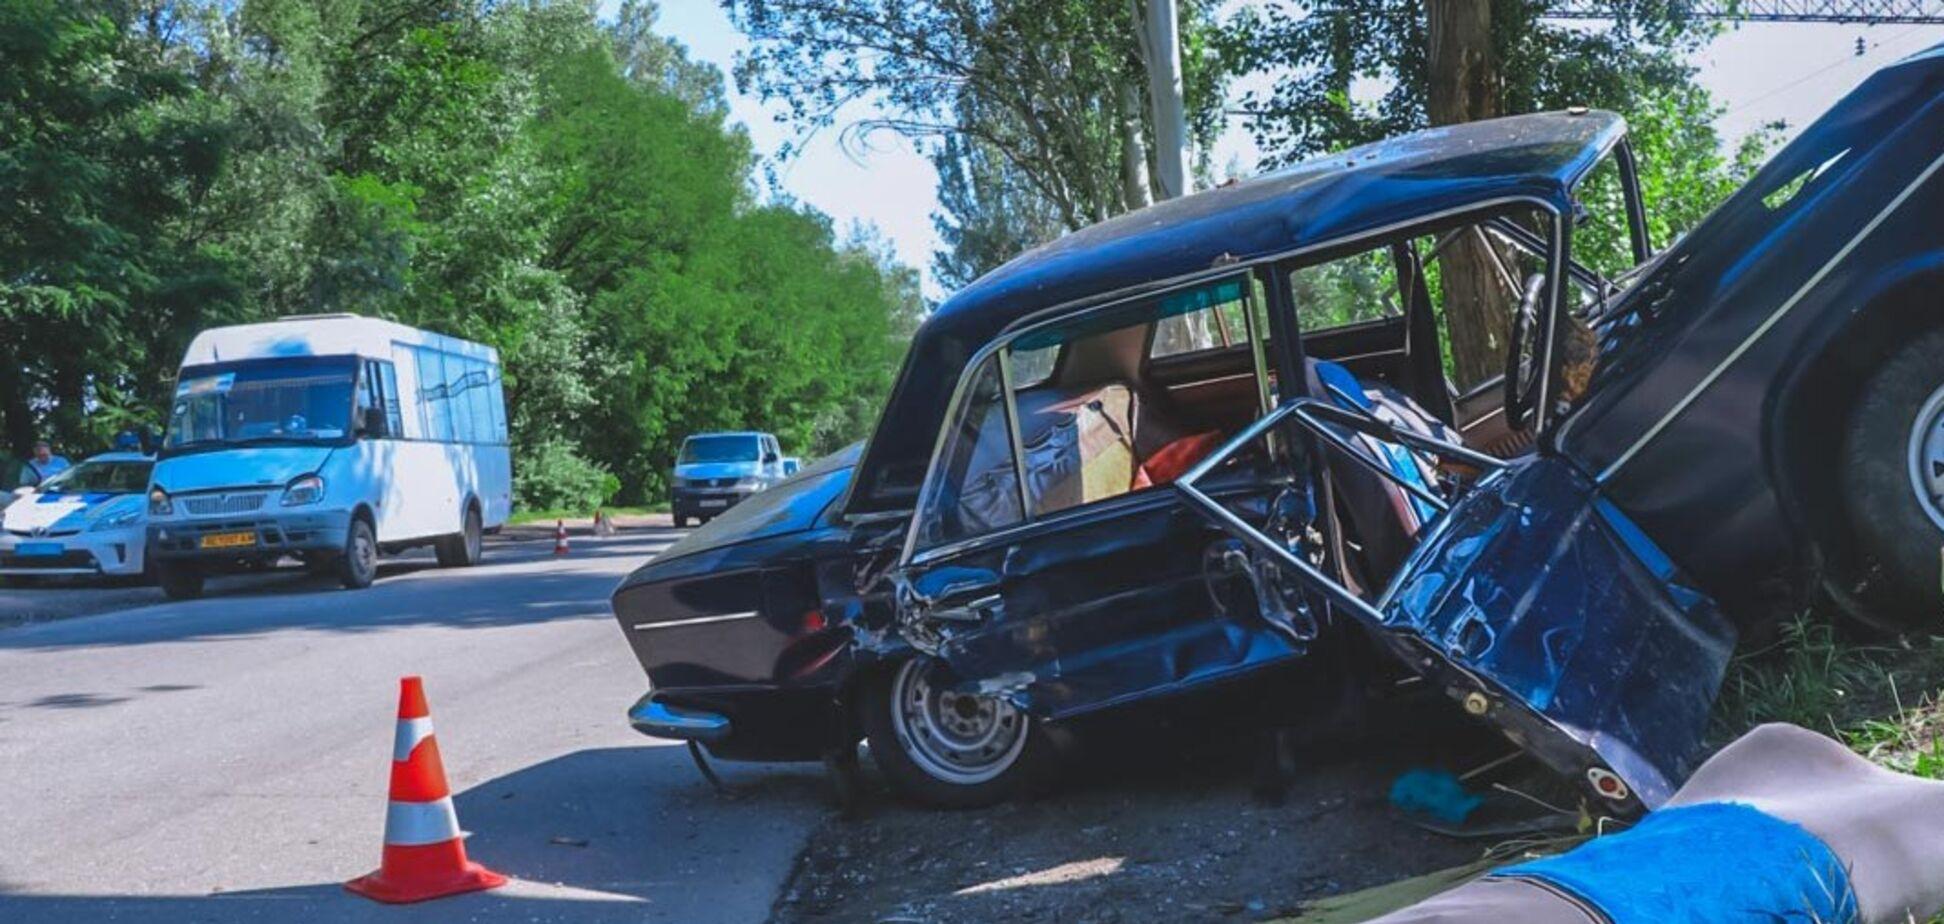 В Днепре авто протаранило маршрутку и влетело в дерево: есть пострадавшие. Фото